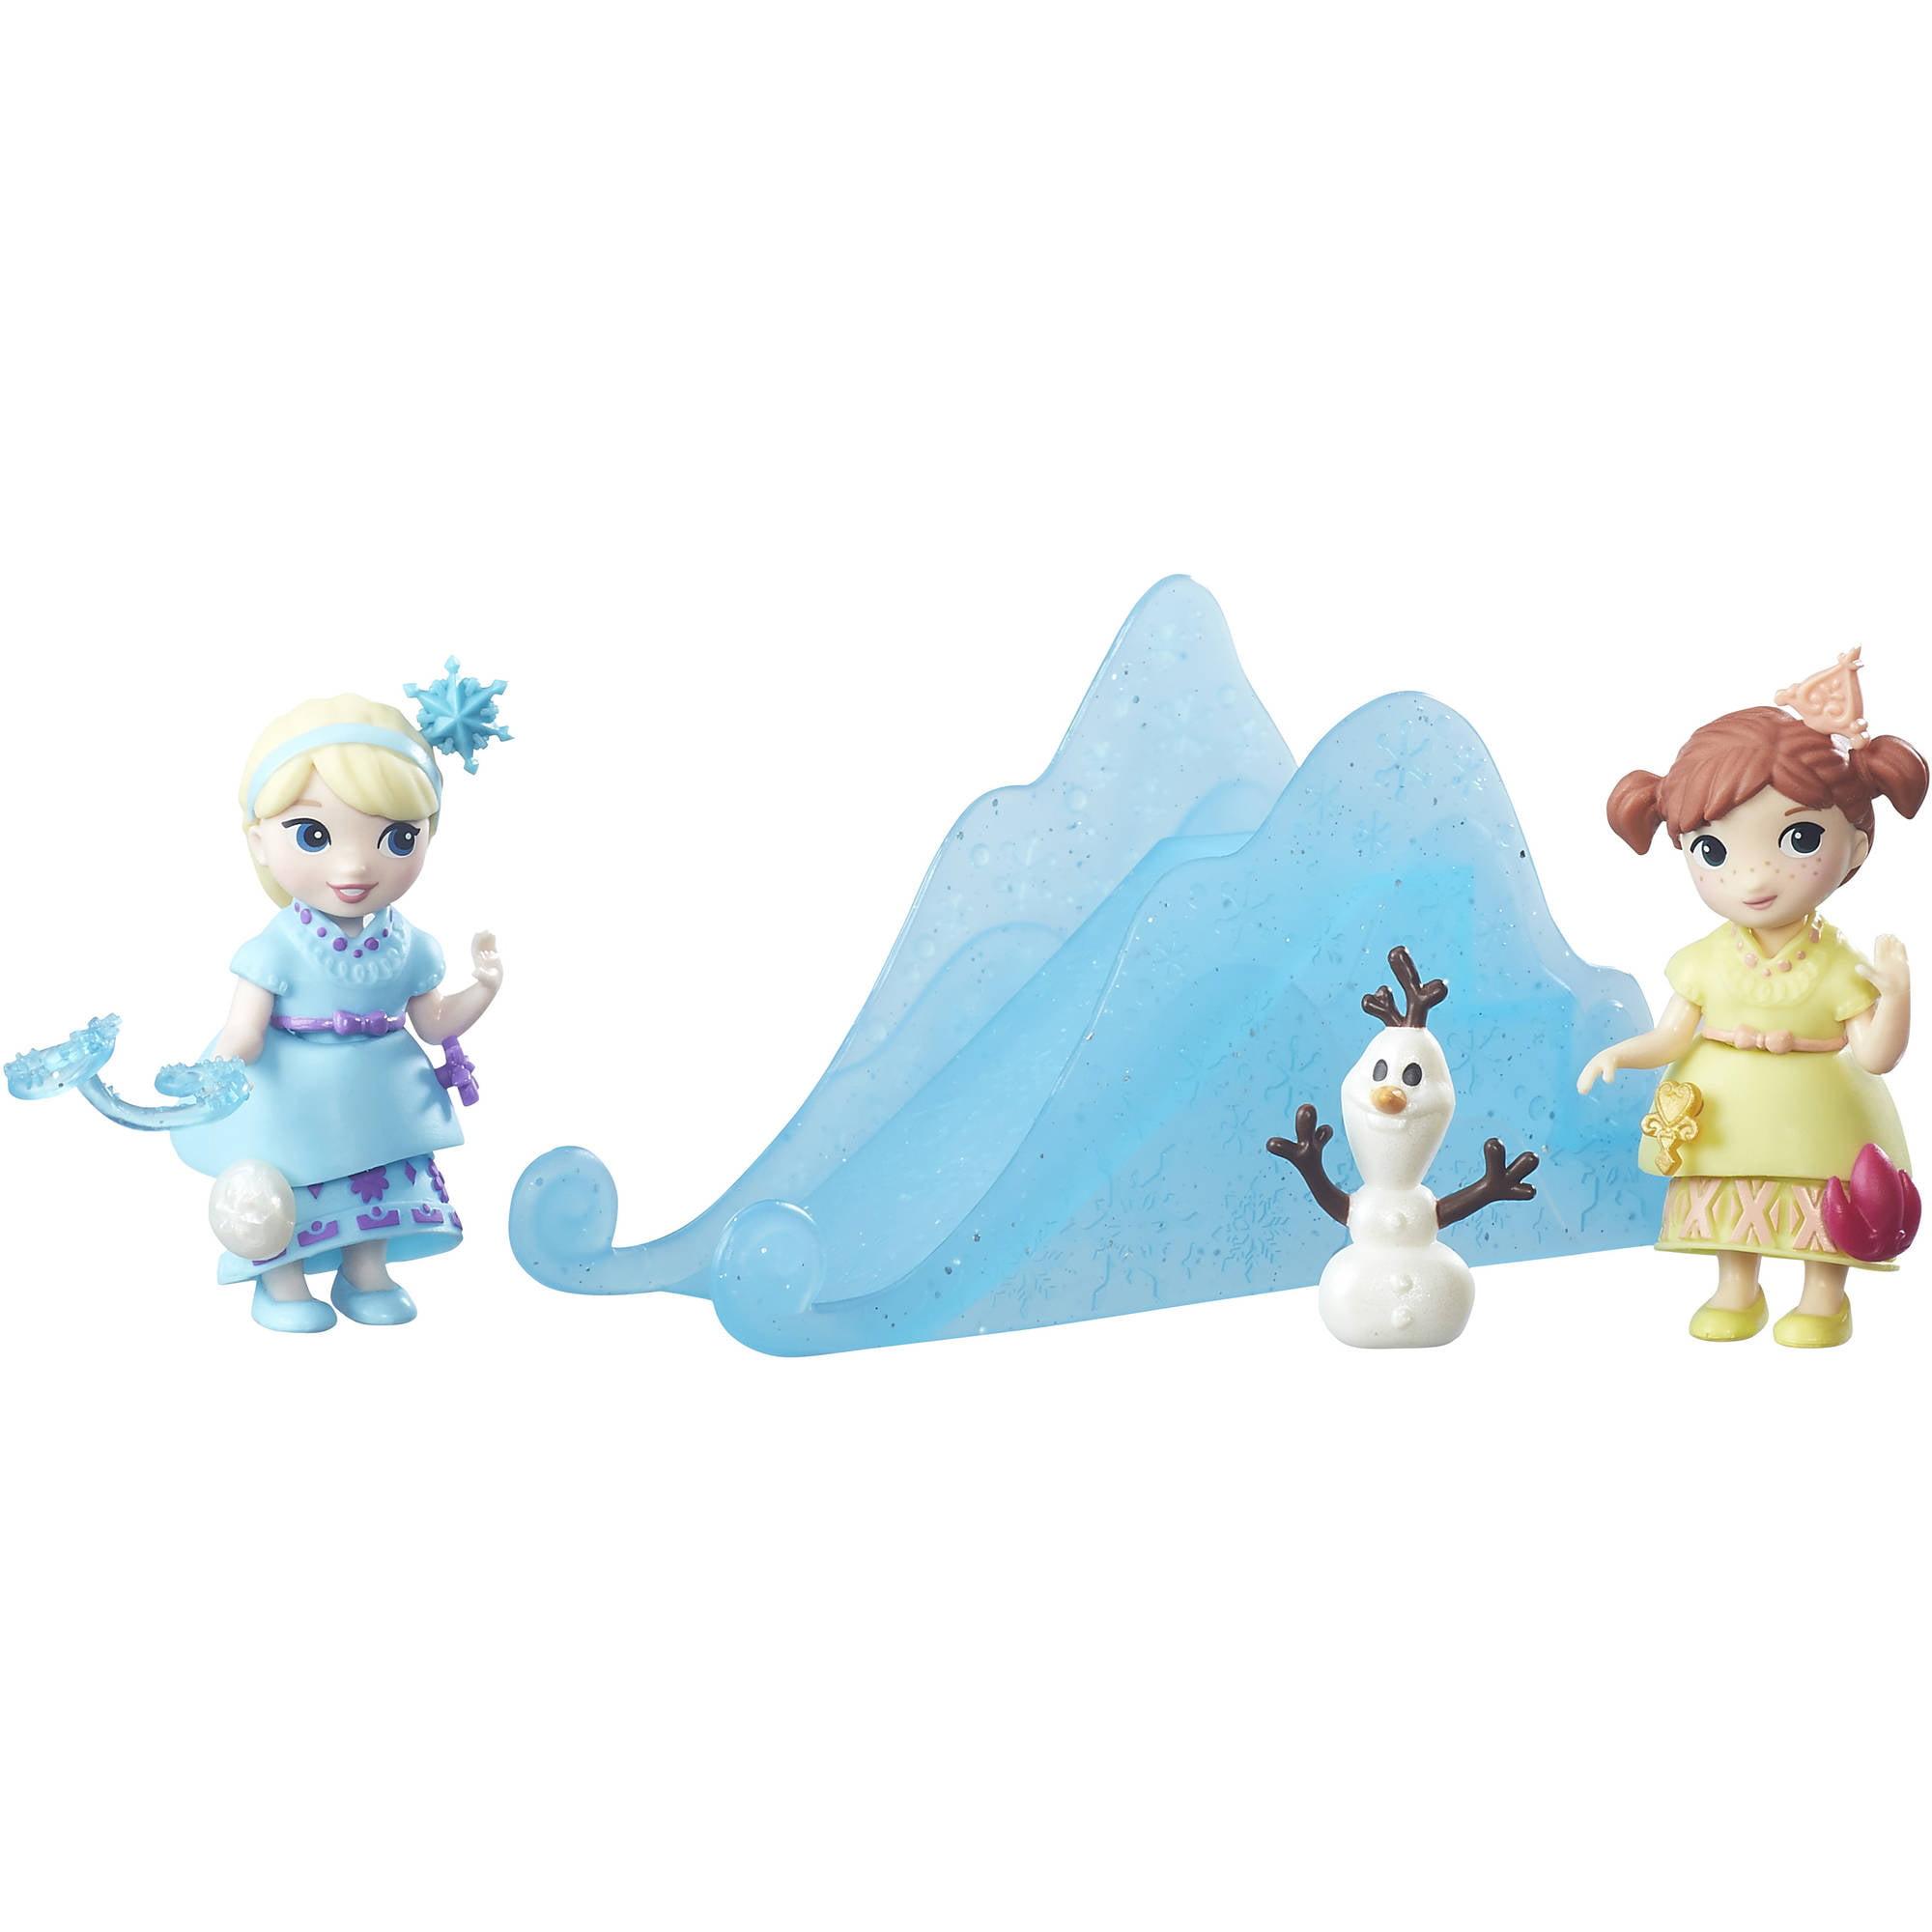 Disney Frozen Little Kingdom Snow Sisters Set by Hasbro